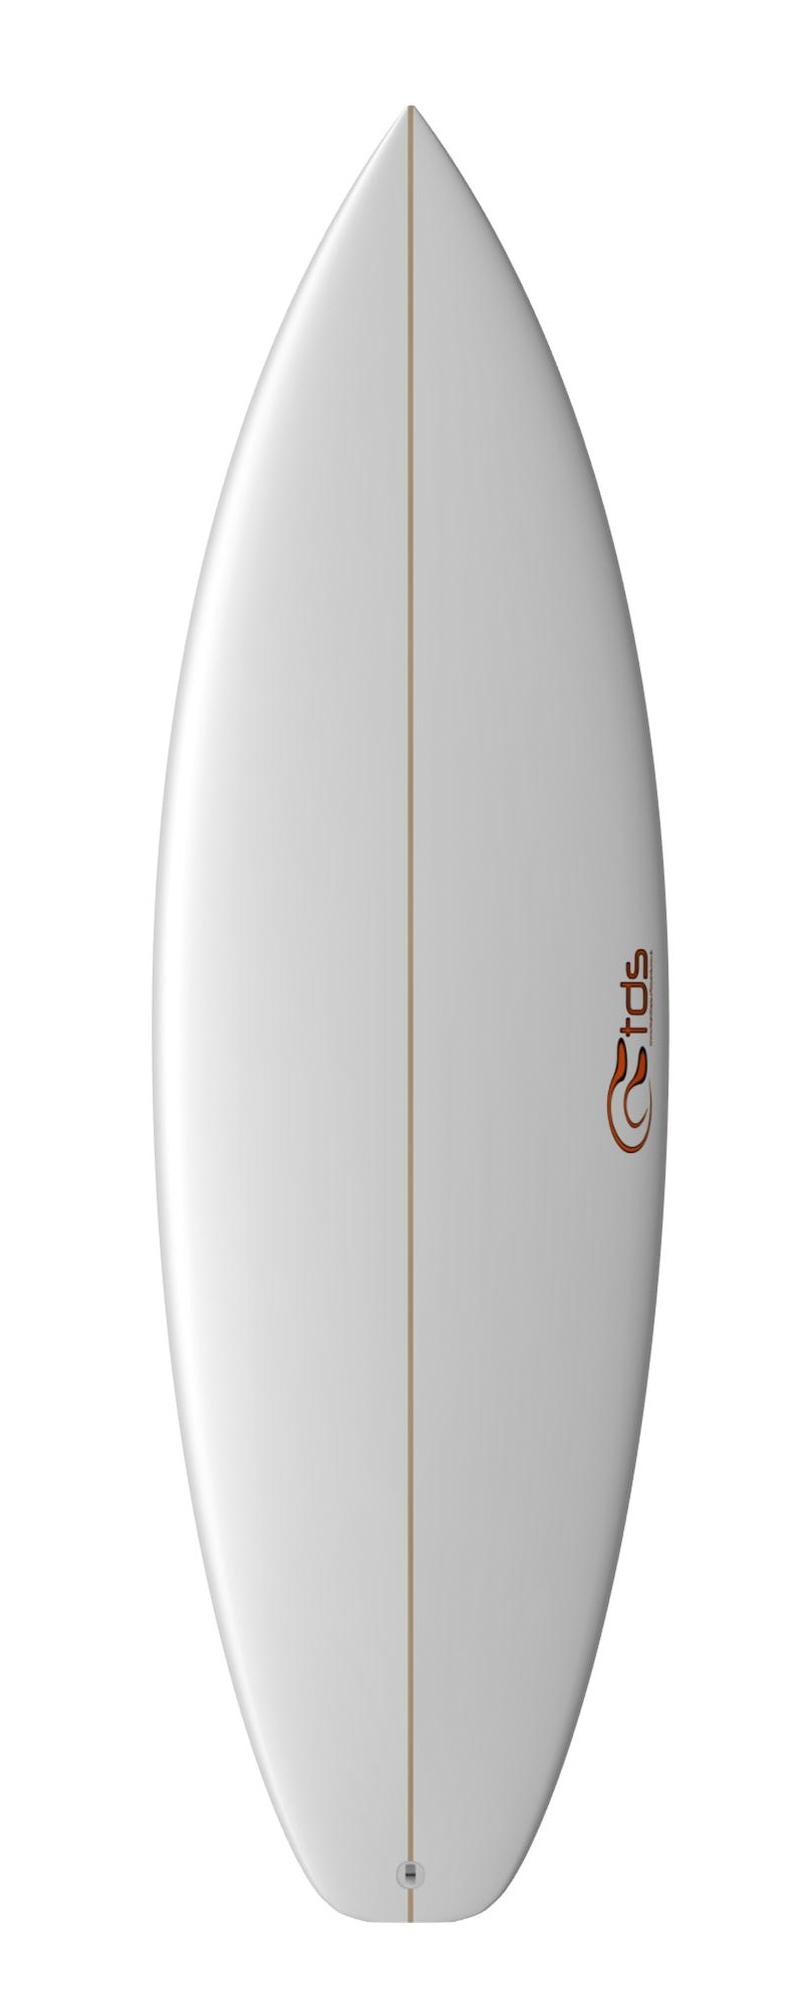 Shortboards